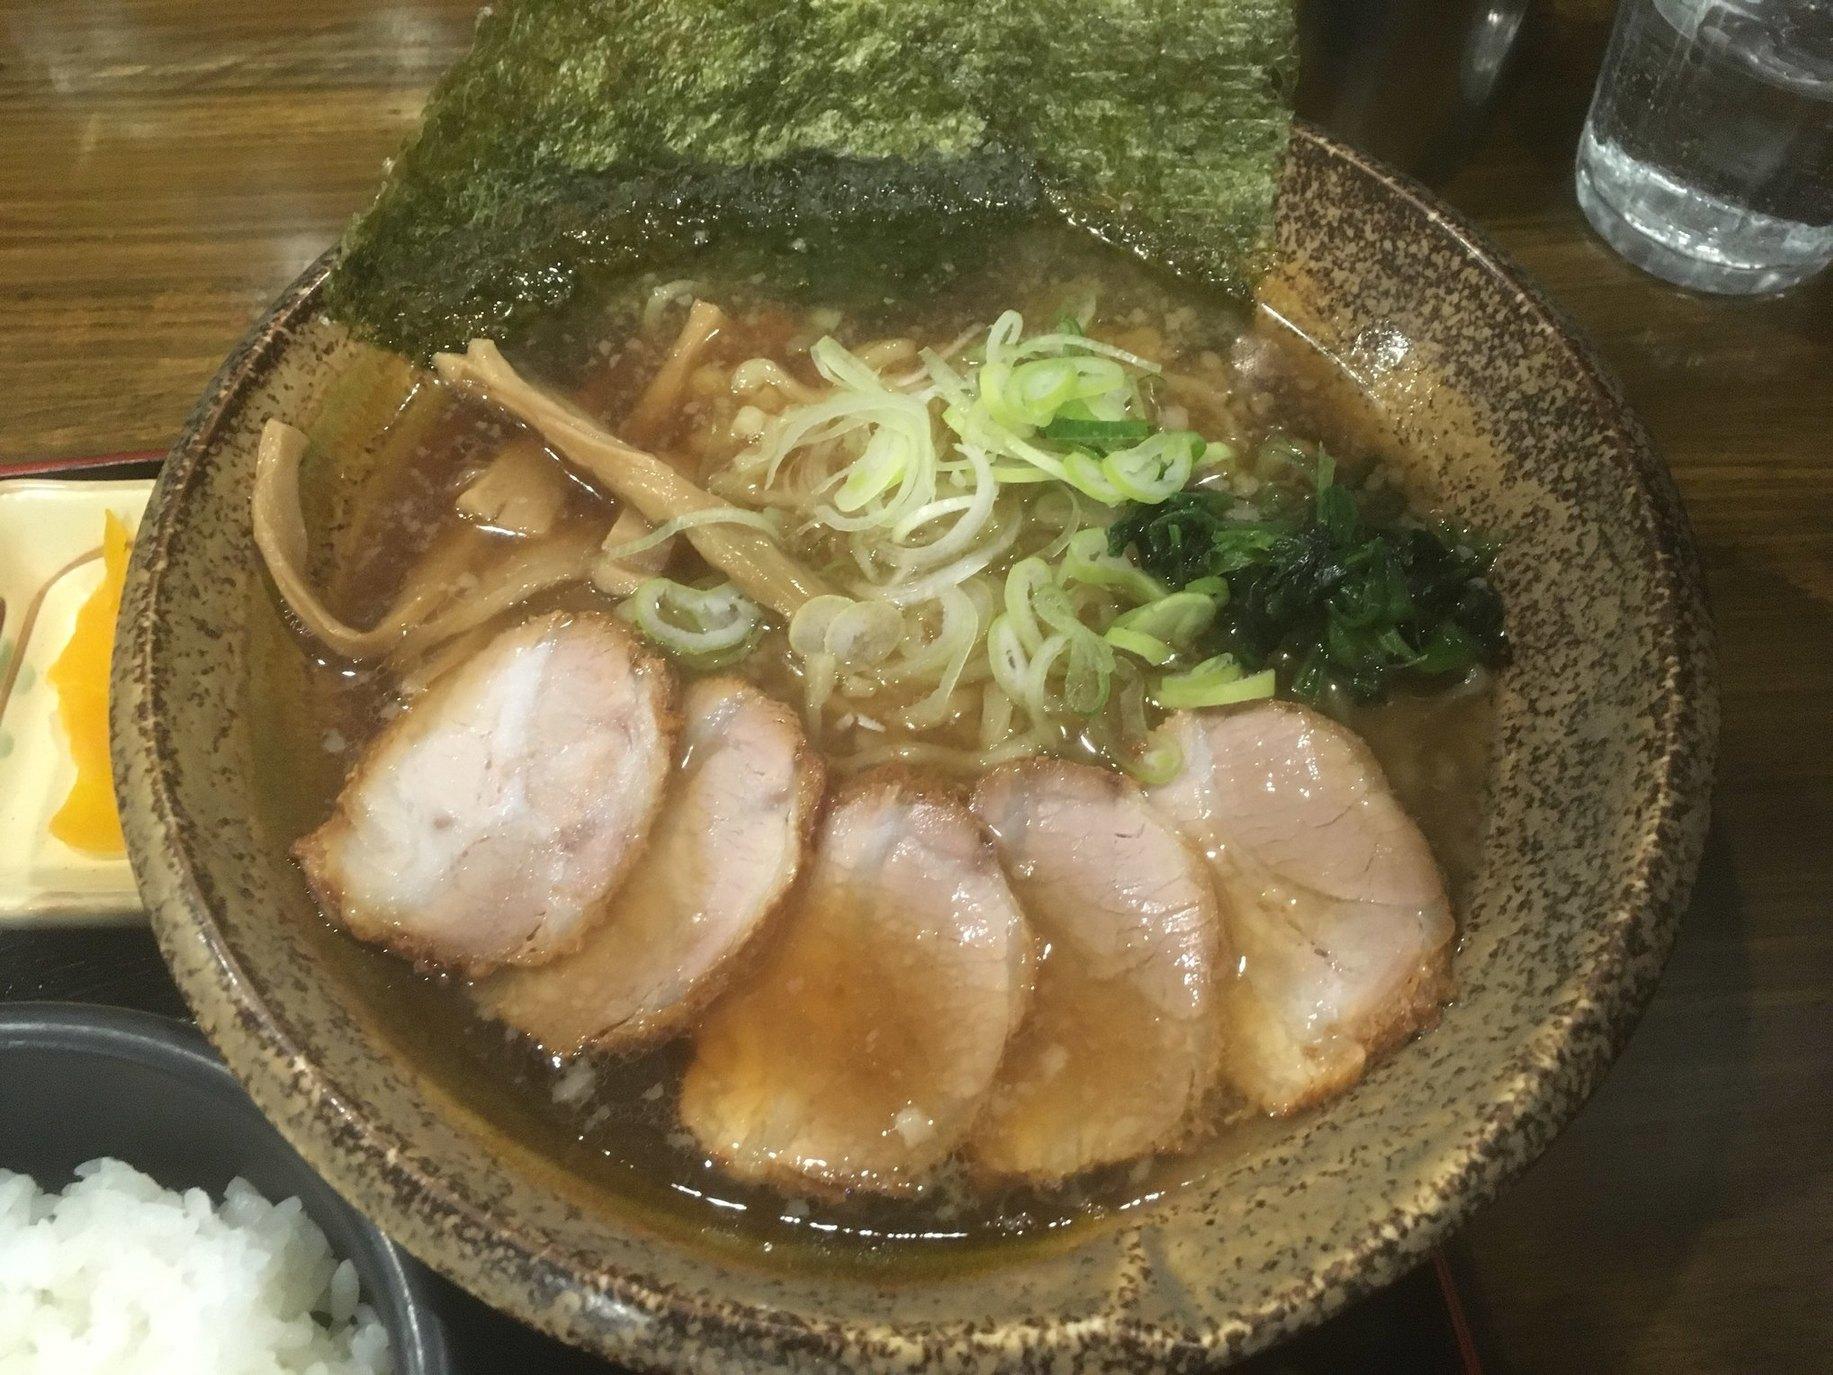 会津喜多方ラーメン蔵 あっぷるらいん長野店 name=